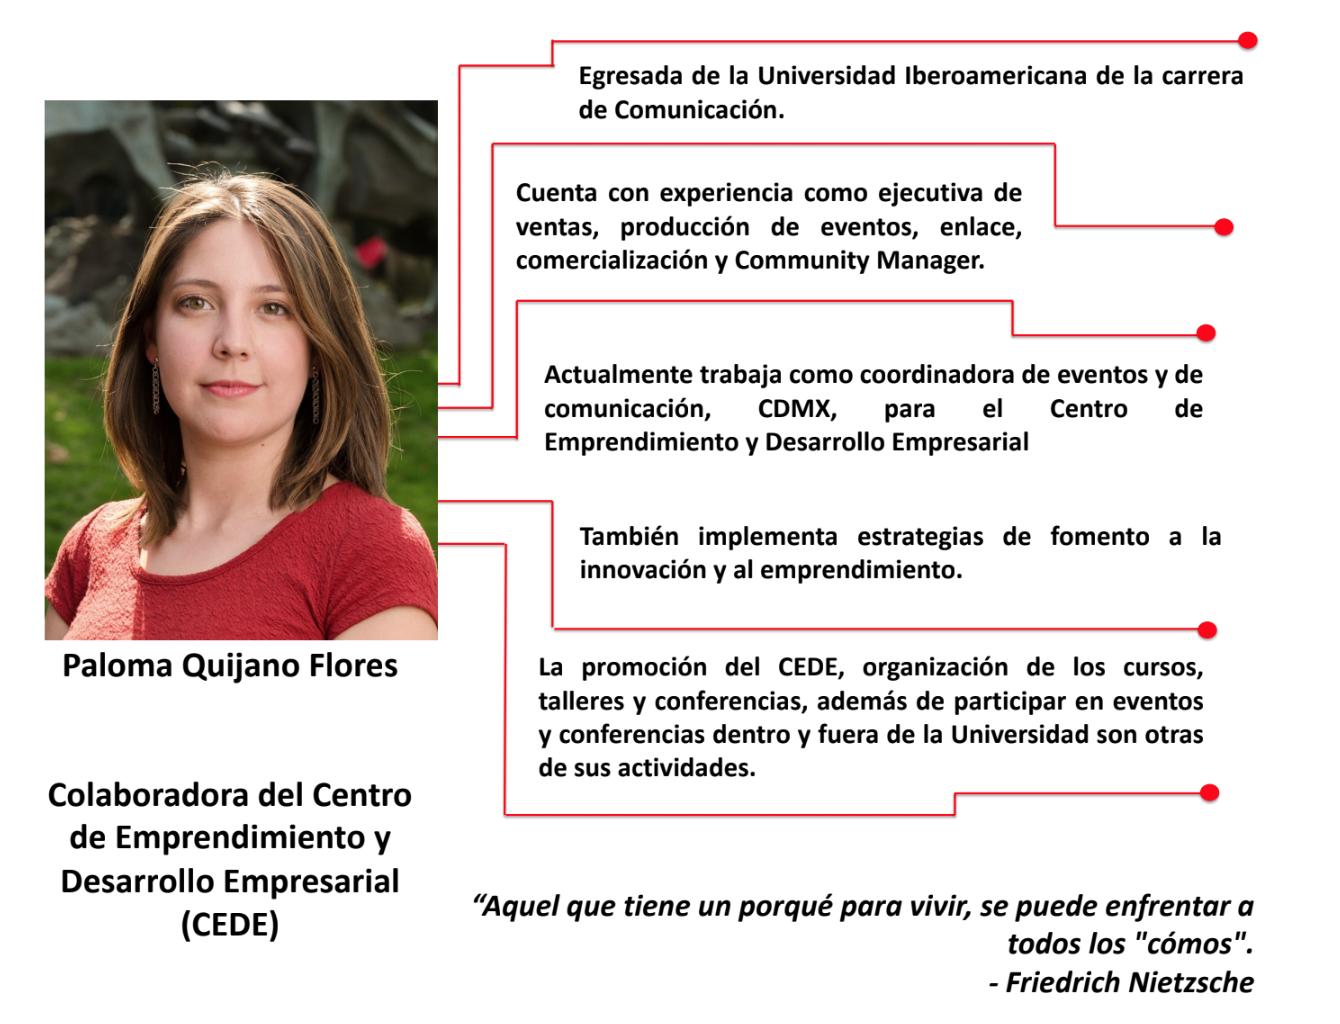 Paloma Quijano